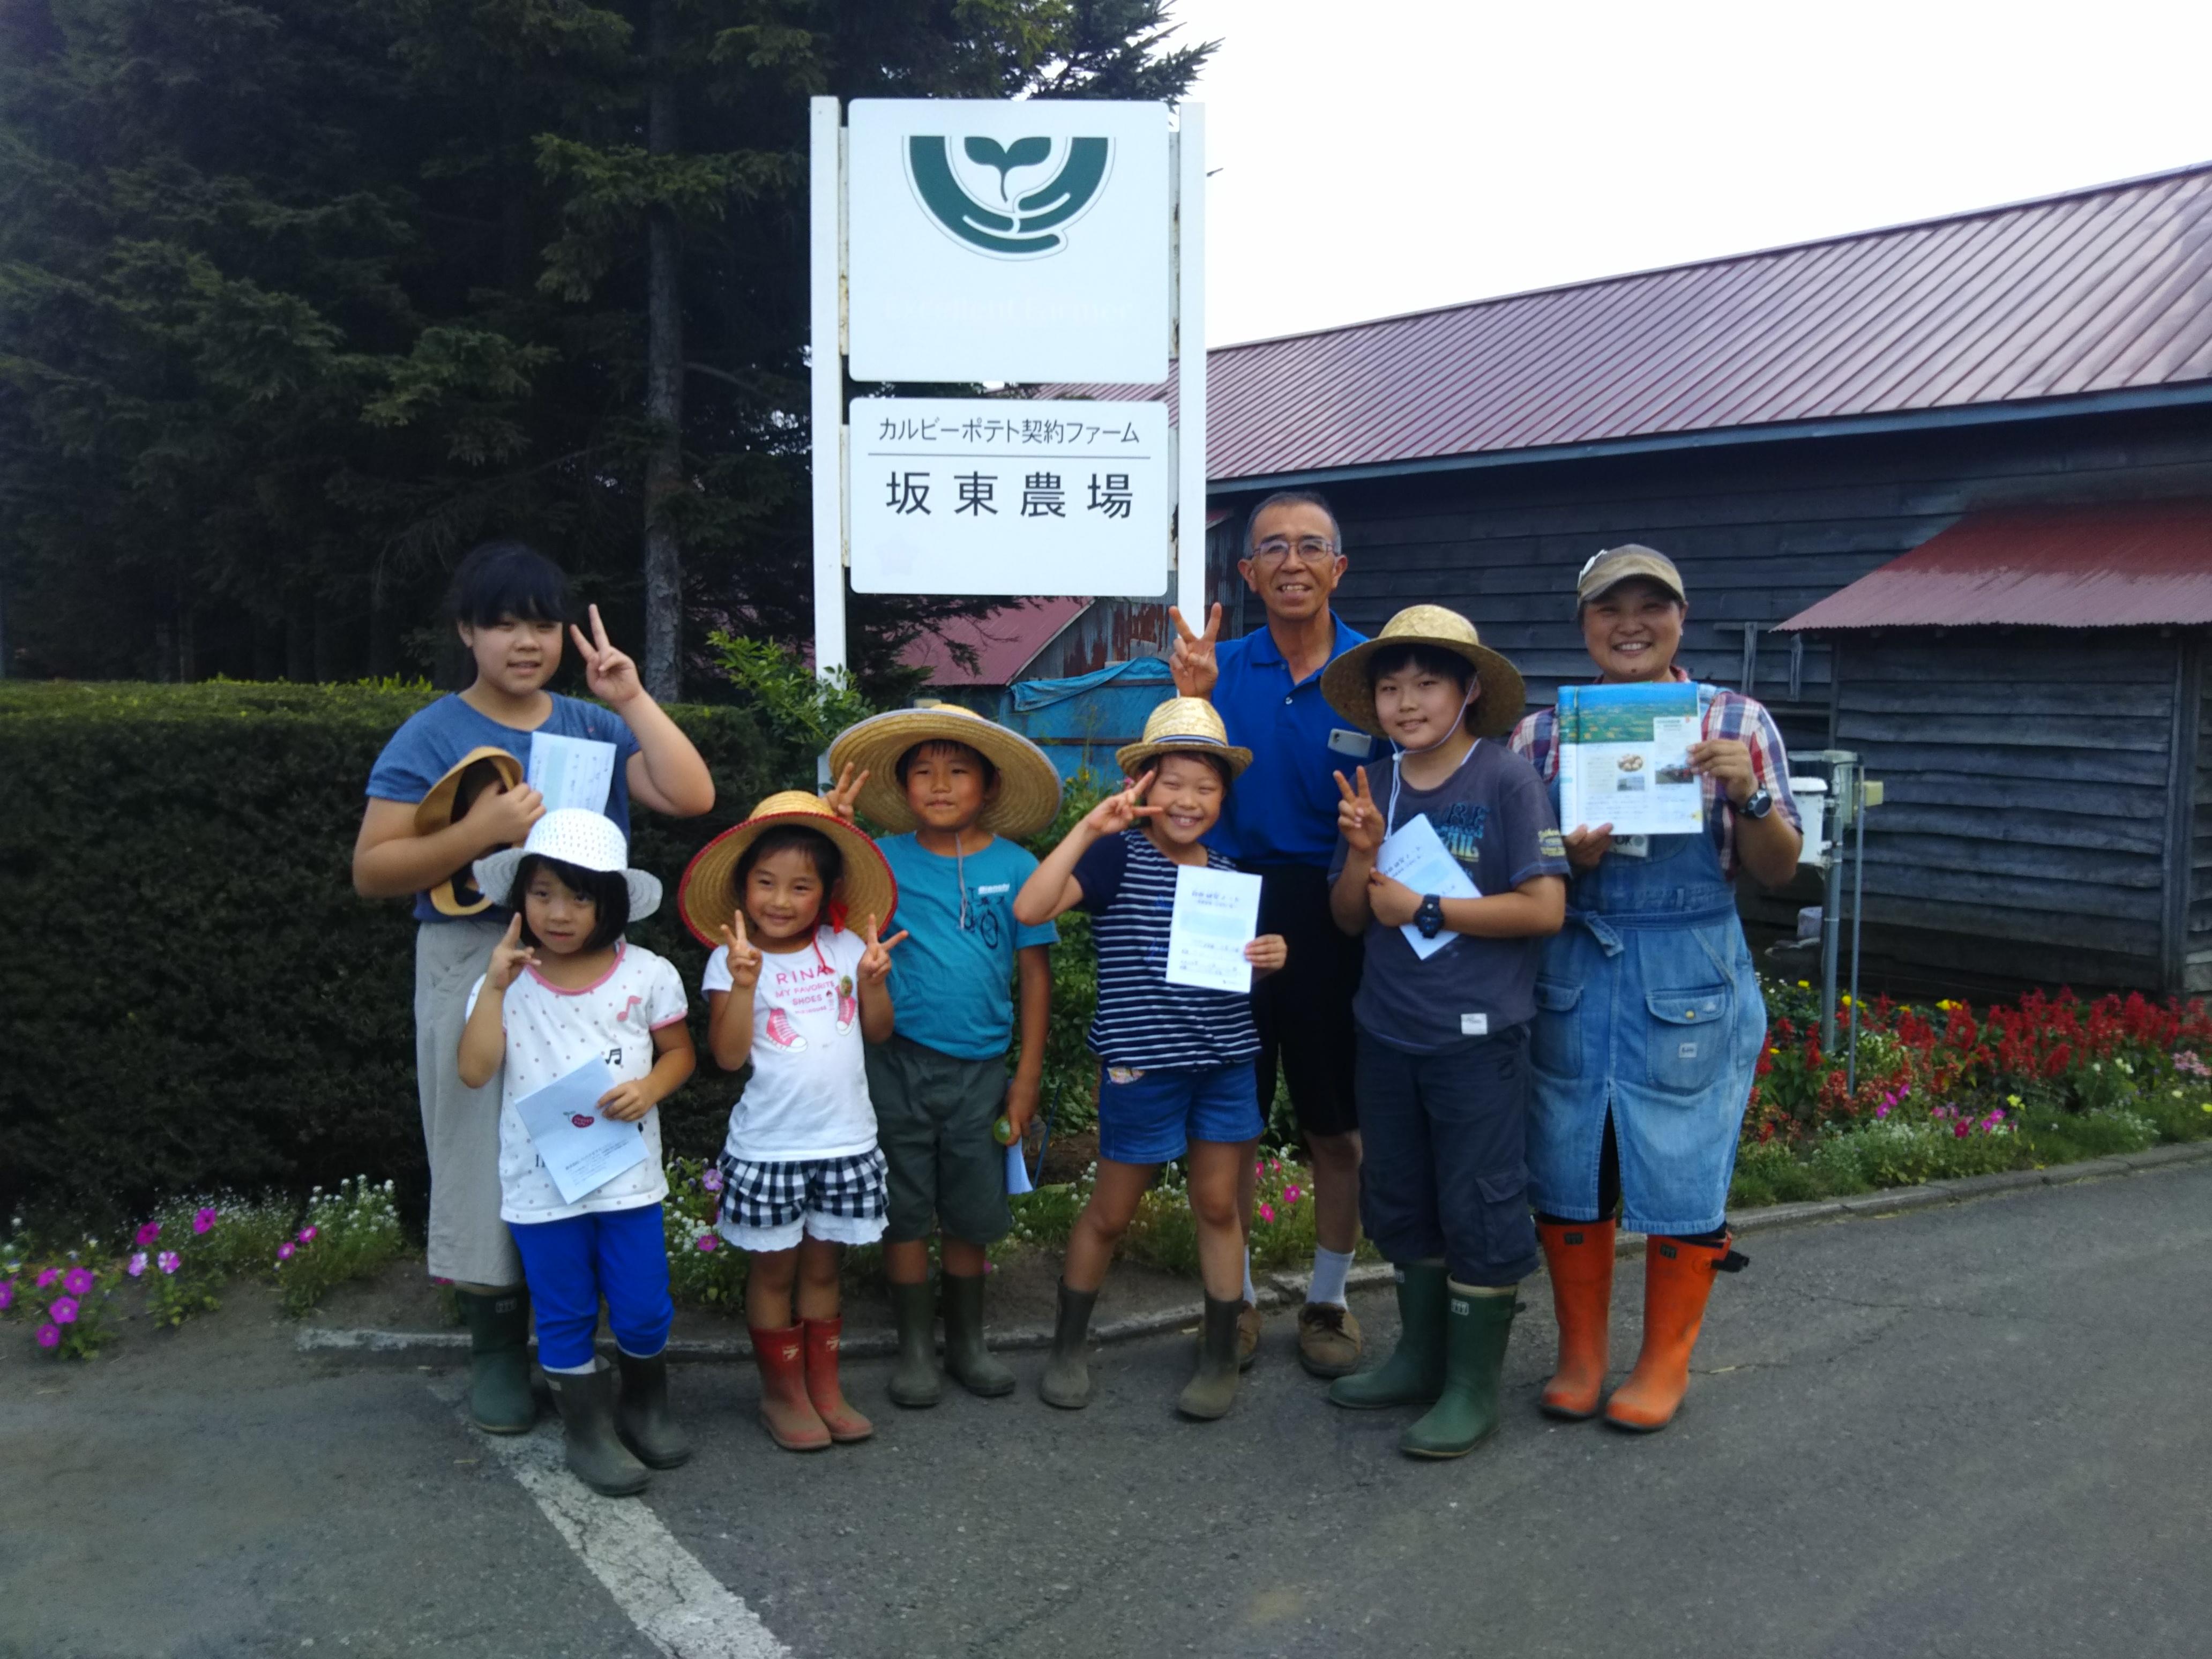 ありがとう坂東農場!やってきました川野農園!じゃがいも掘りピクニック8月9日から!